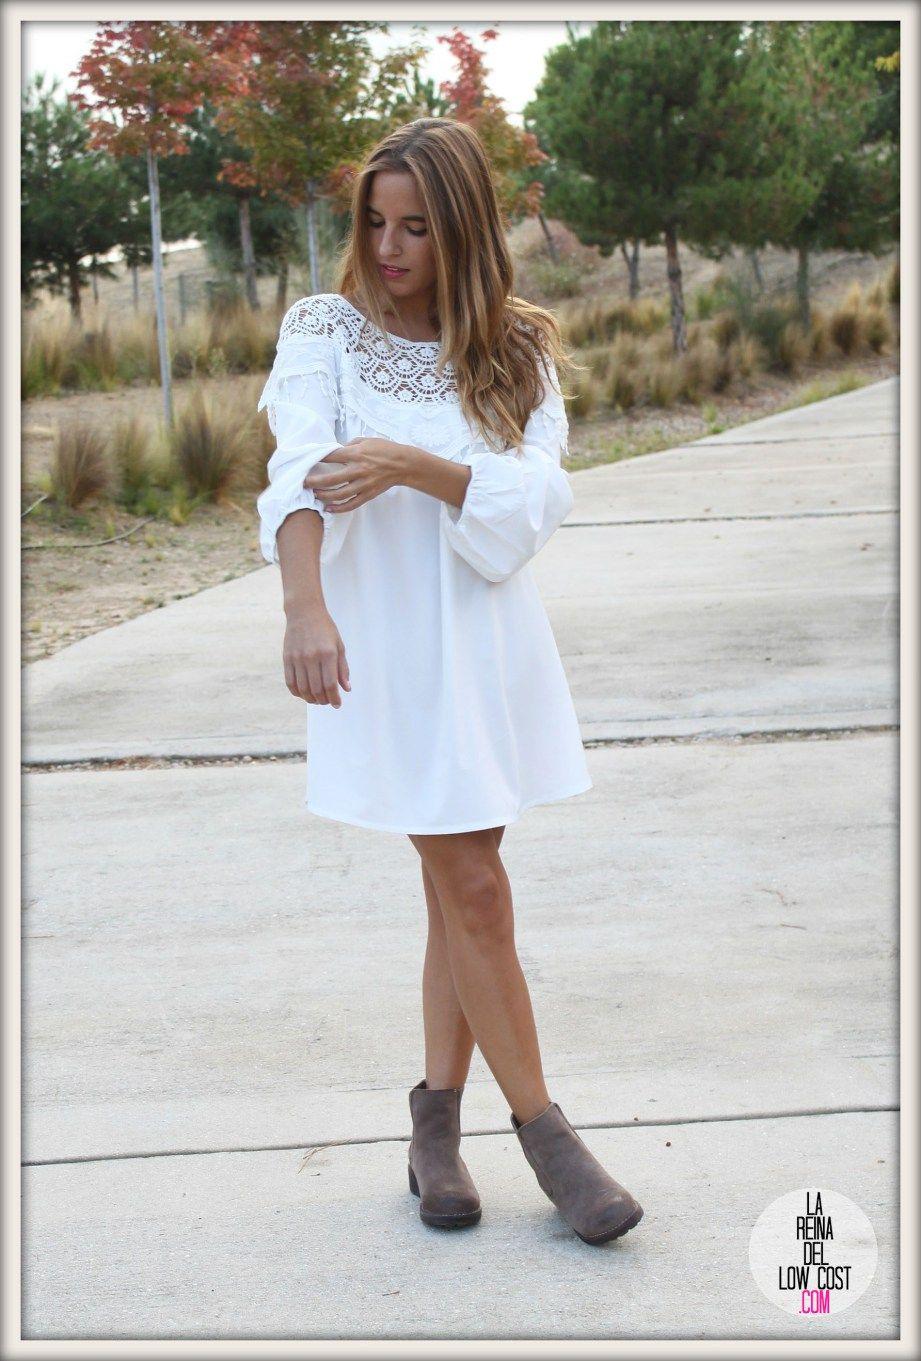 e25814a42805 la reina del low cost pilar pascual del riquelme vestido blanco ...